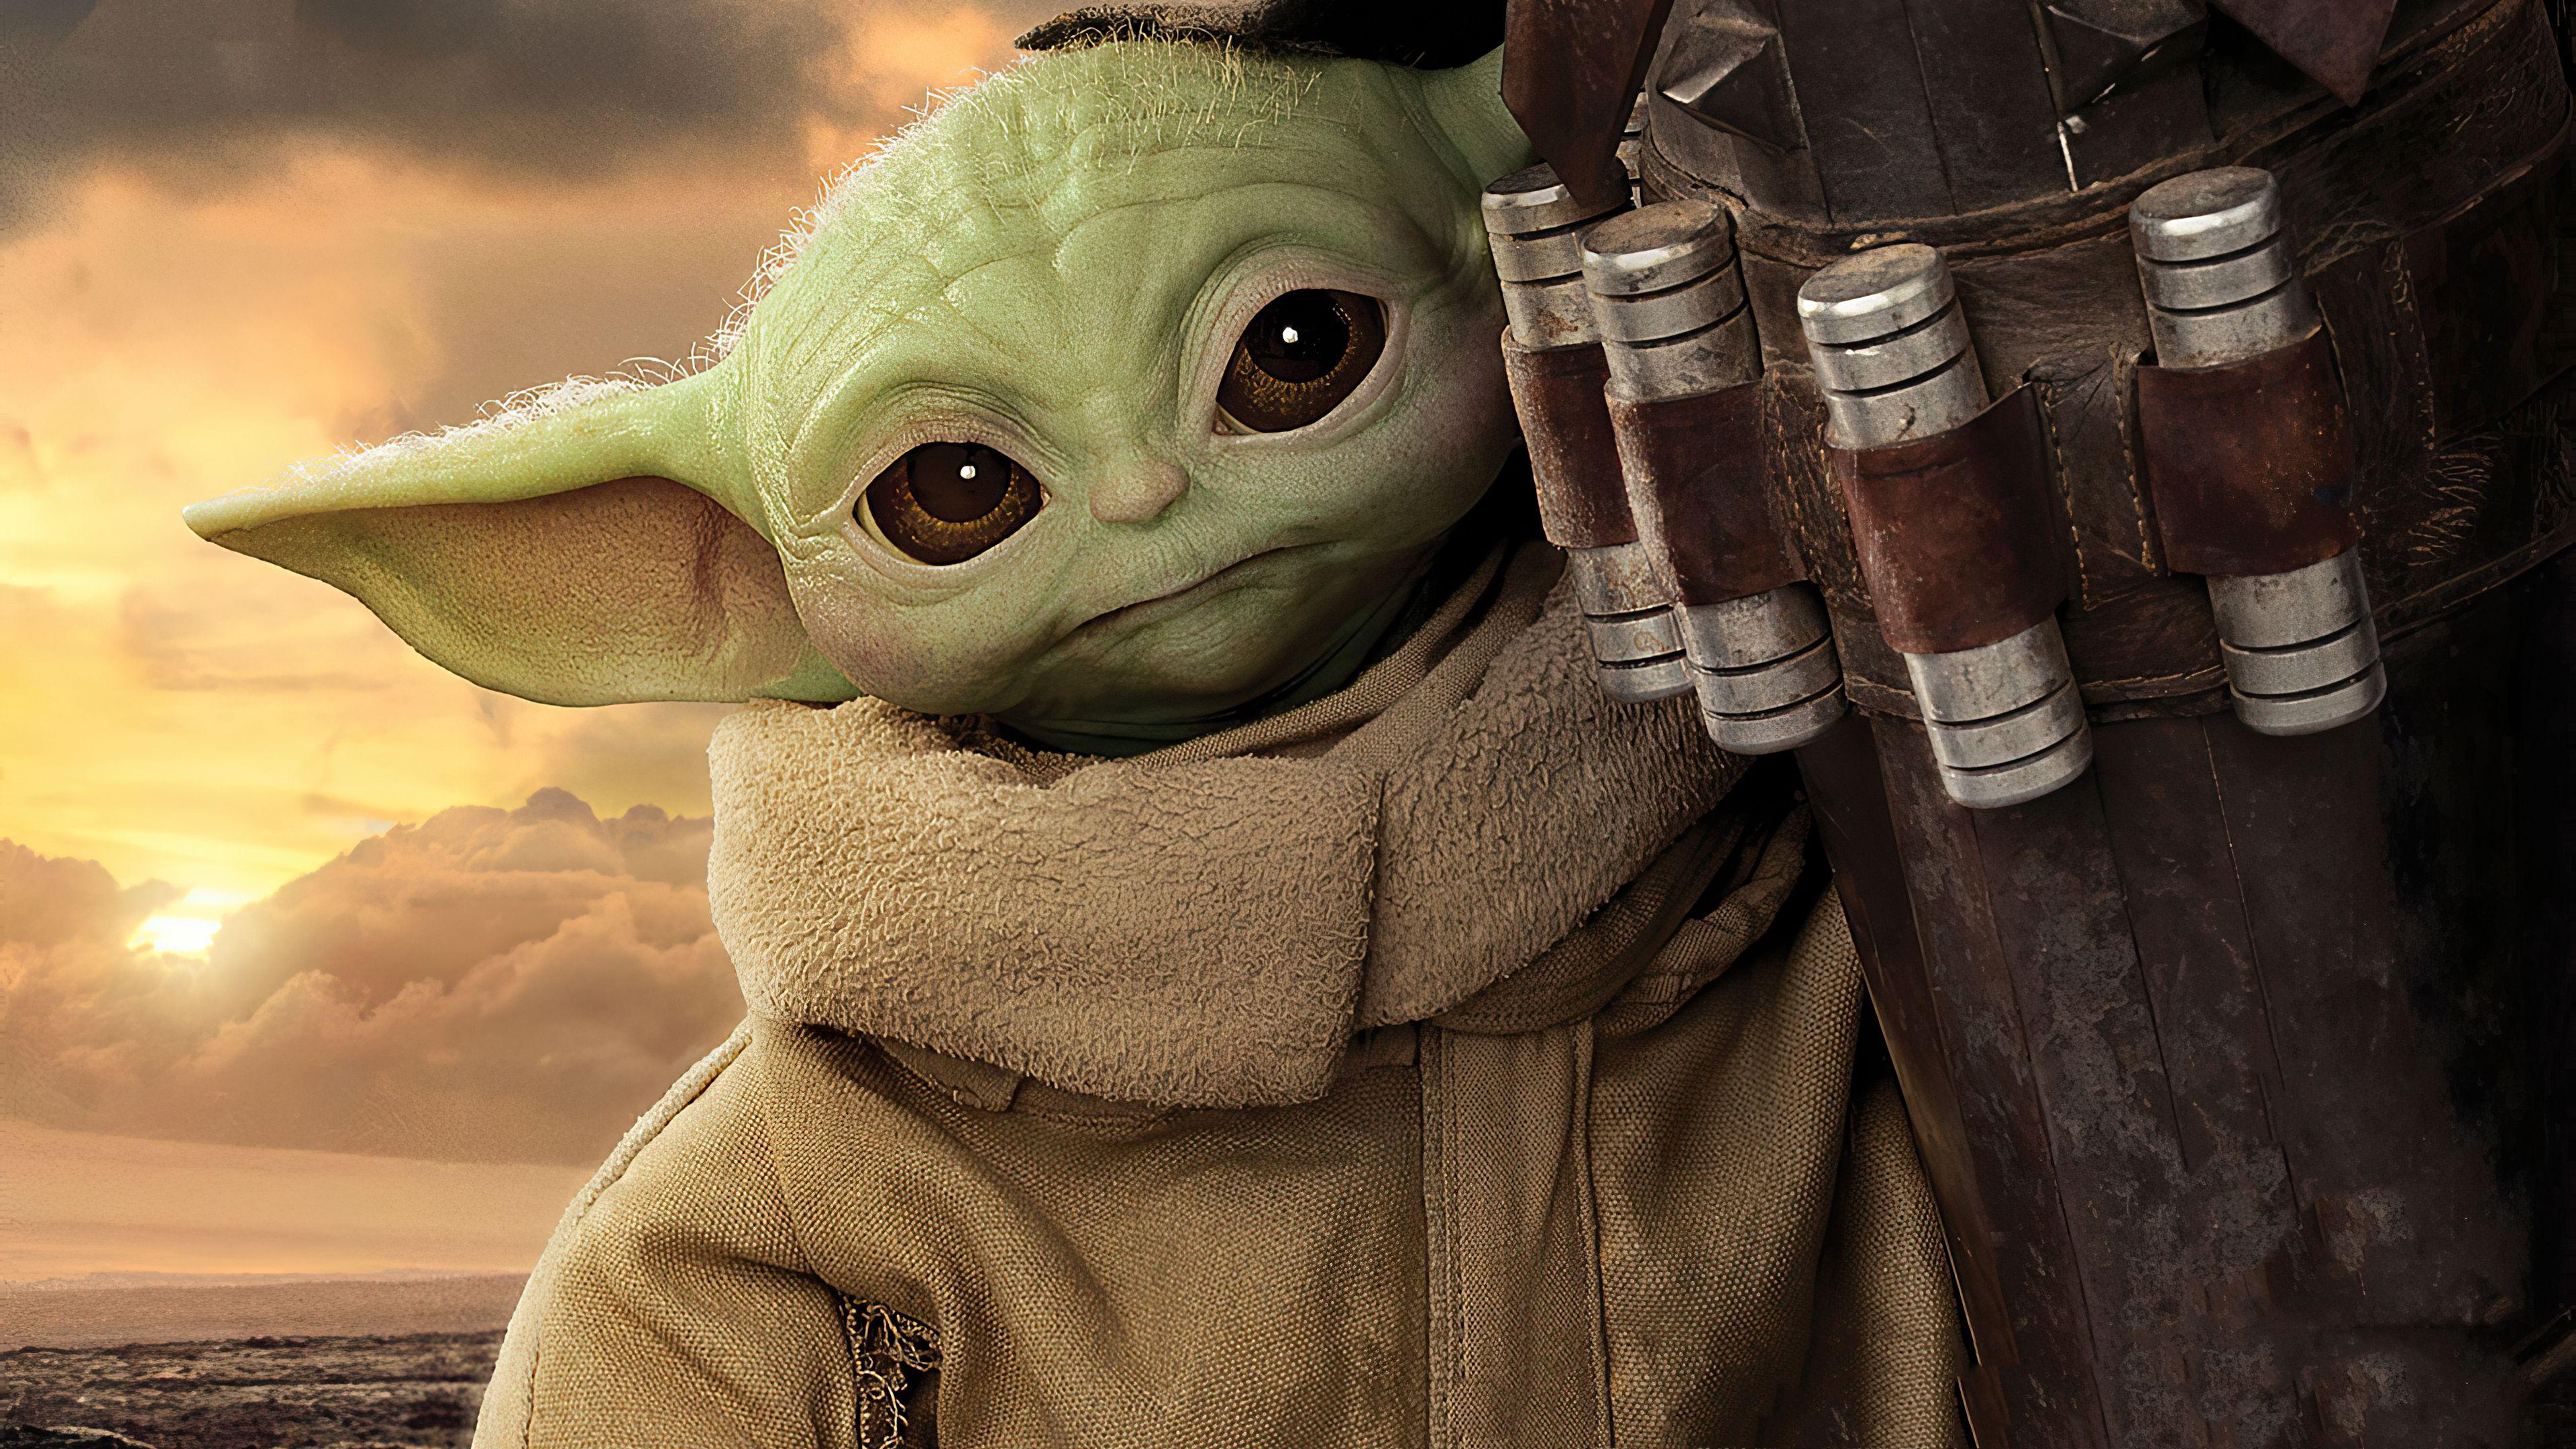 Baby Yoda 4k